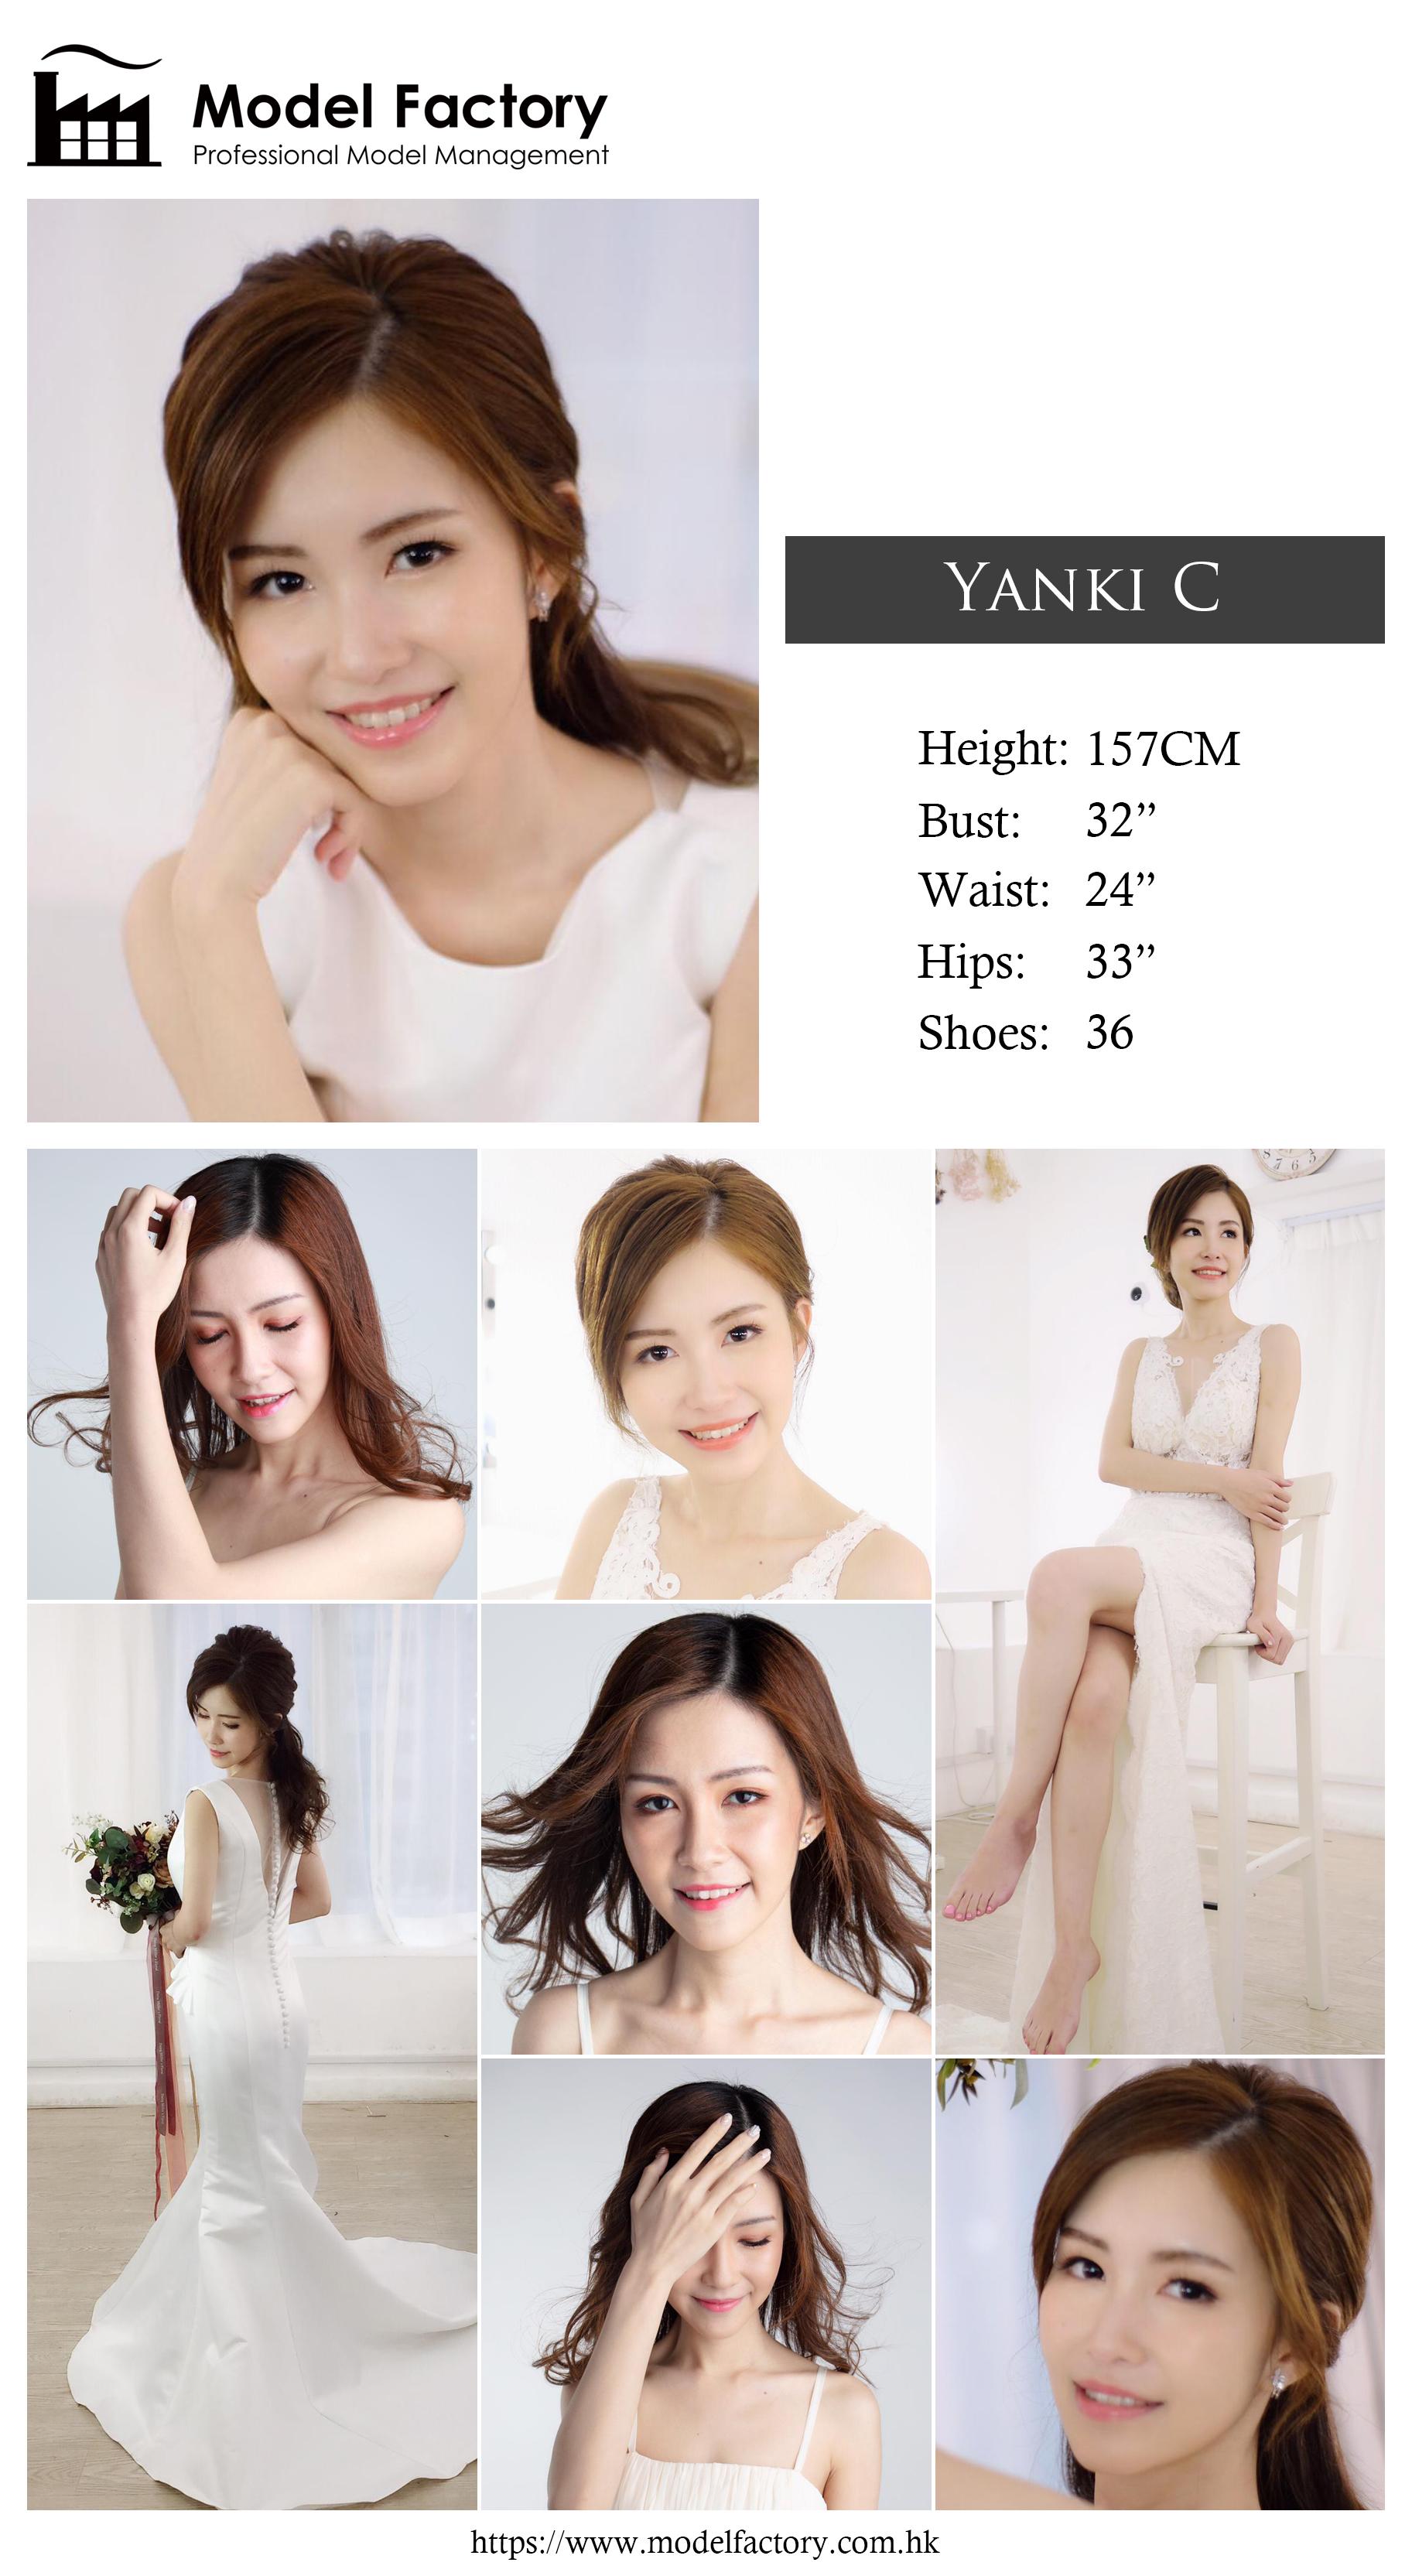 Model Factory Hong Kong Female Model YankiC